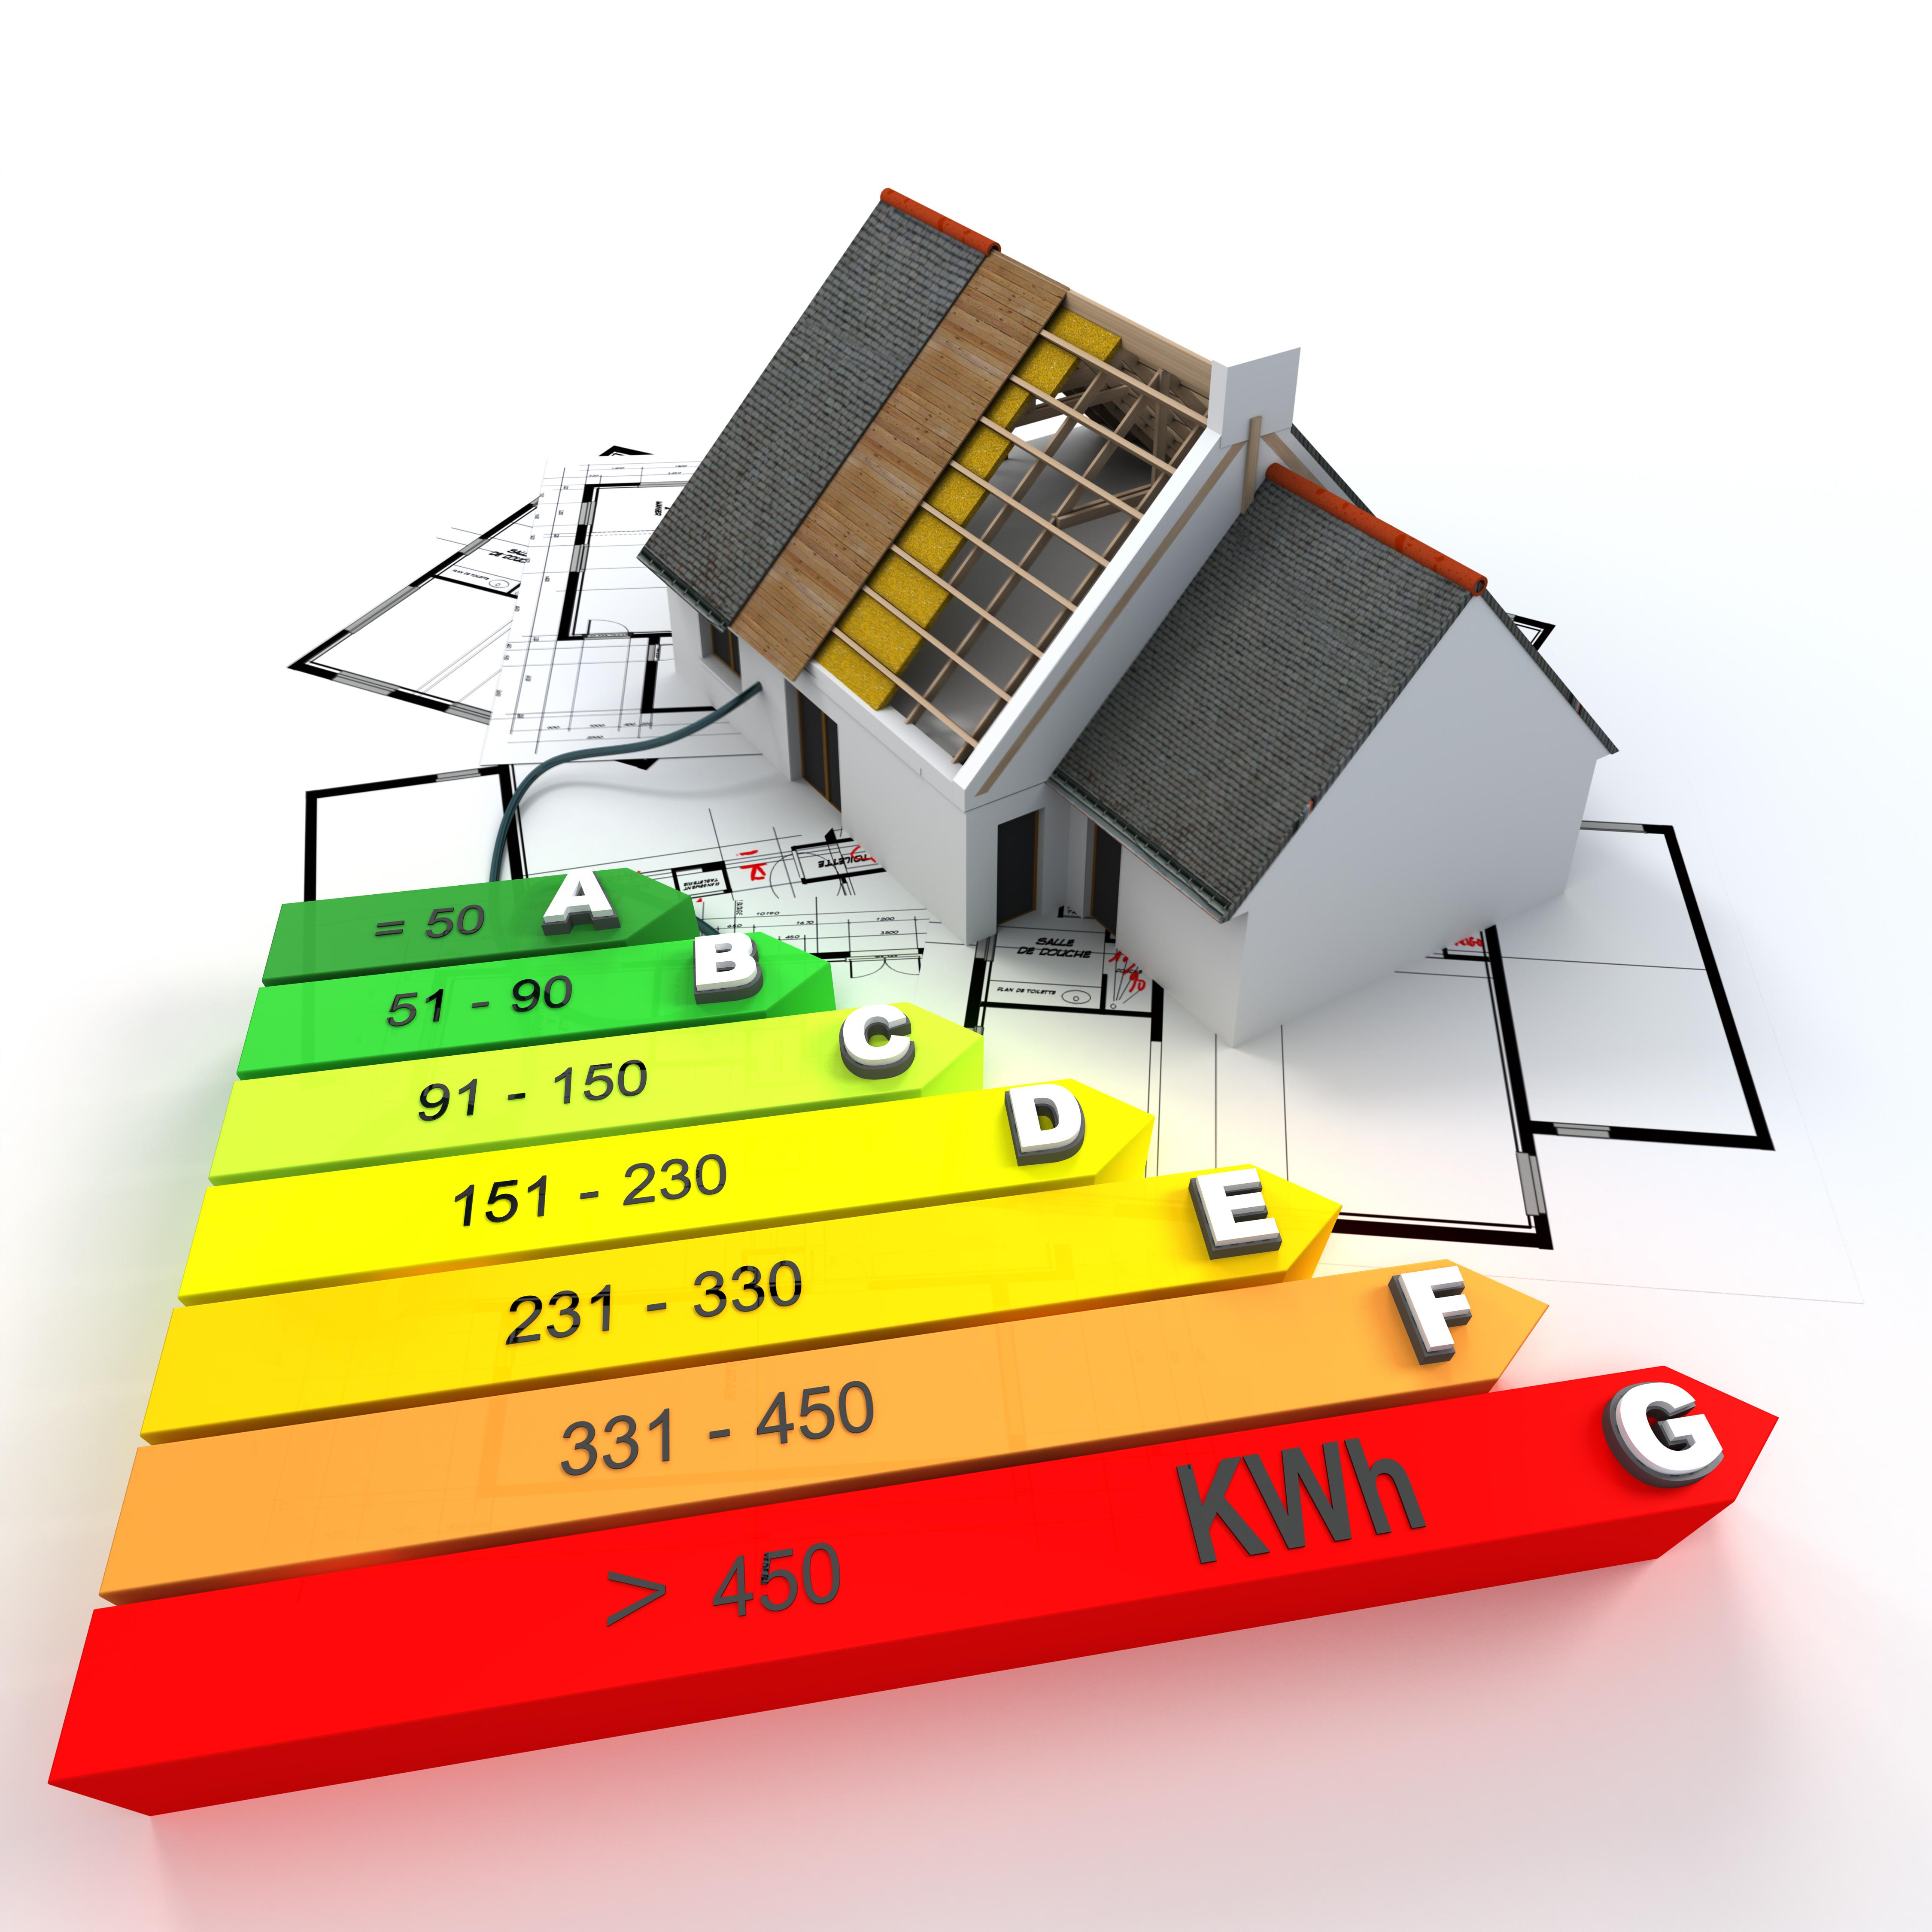 Ristrutturare casa nel 2018 idealista news for Ristrutturare casa in economia